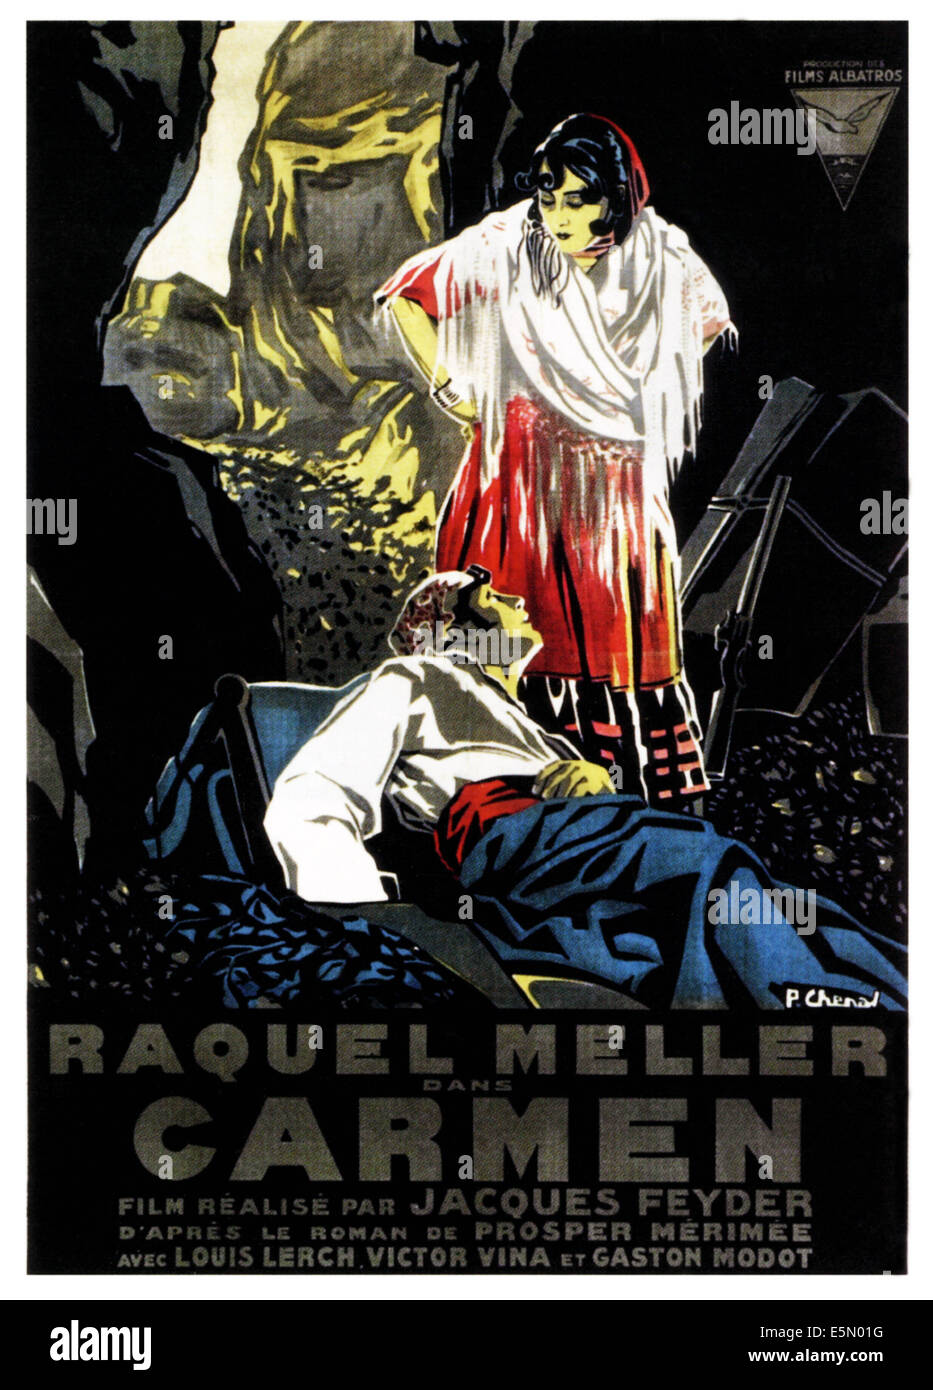 CARMEN, poster art, 1926. - Stock Image